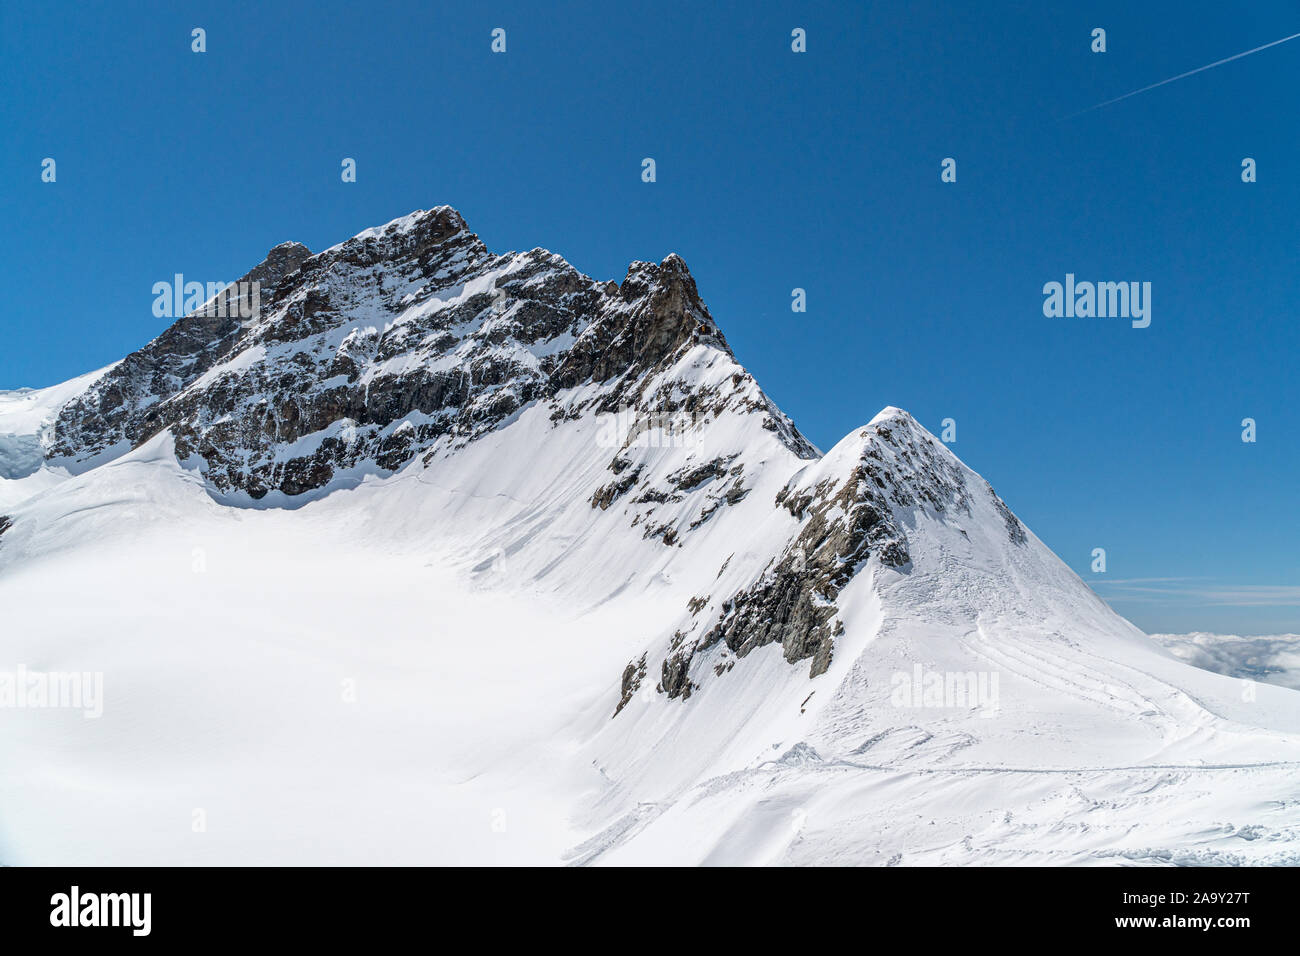 Vista panorámica sobre las montañas nevadas en invierno soleado por la tarde. Alpes Swiis durante el verano. Foto de stock